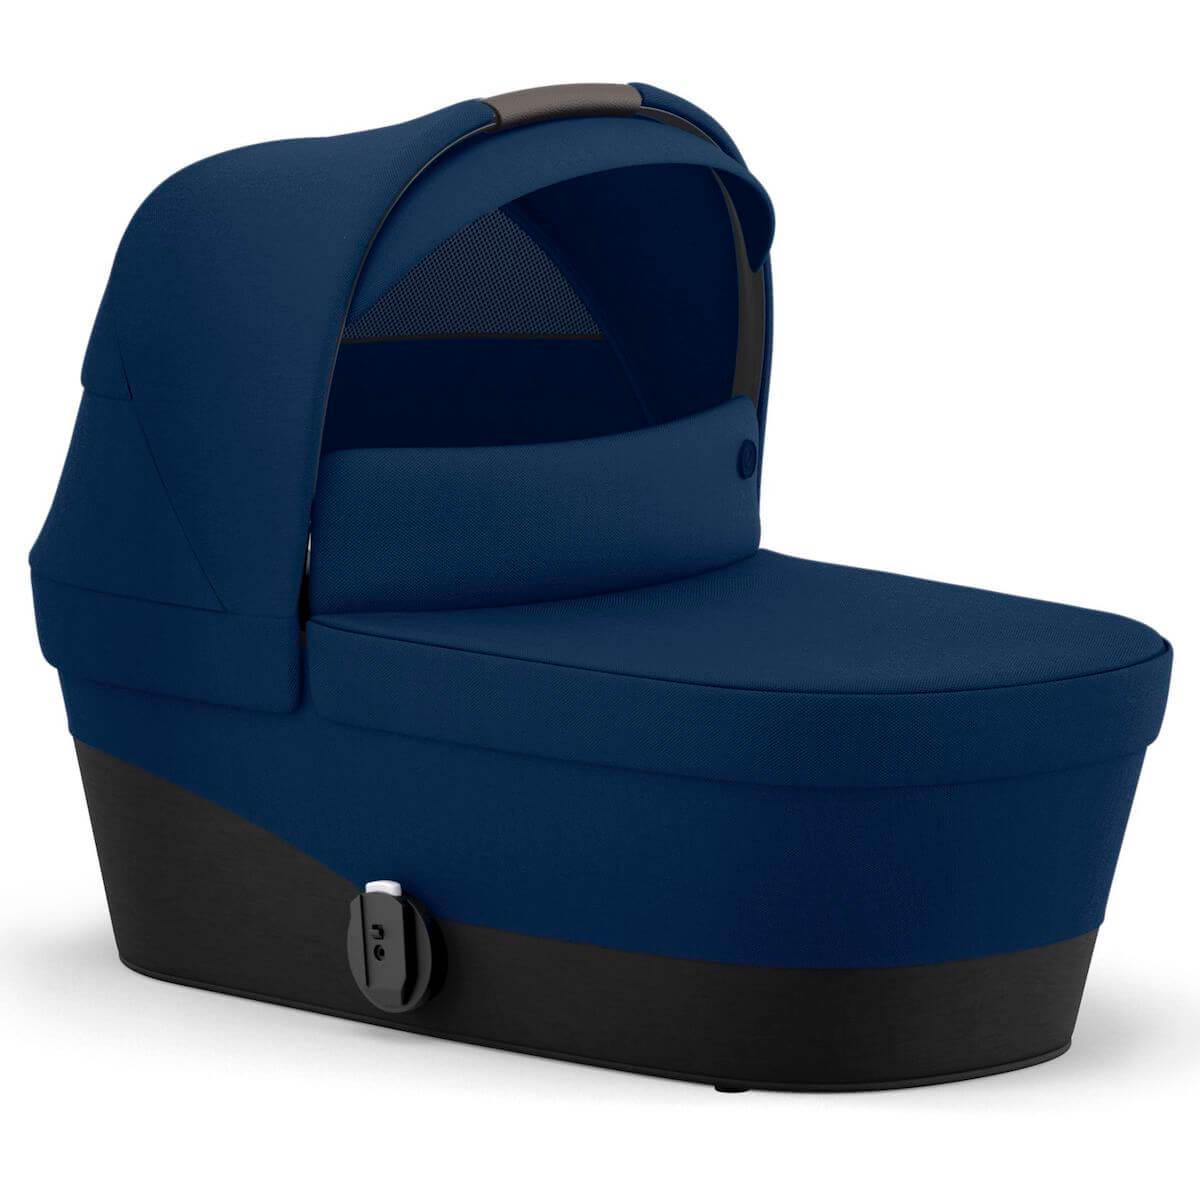 Wanne GAZELLE S Cybex Navy blue